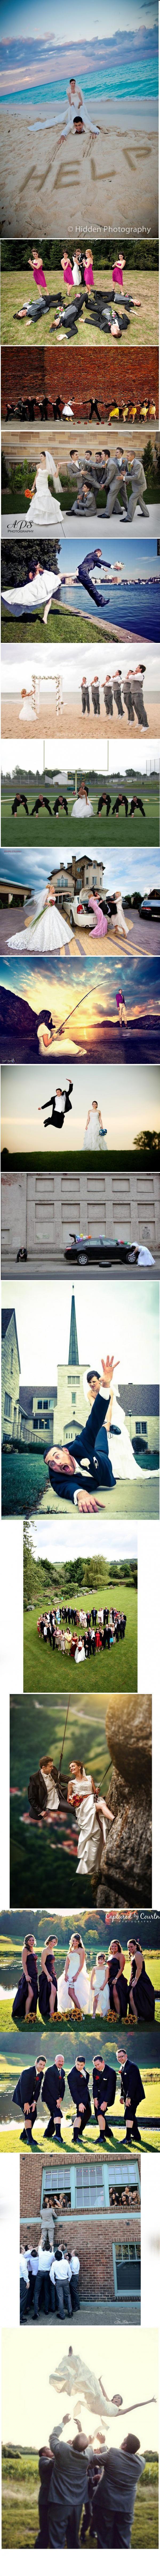 Wedding - Photos De Mariage Originales